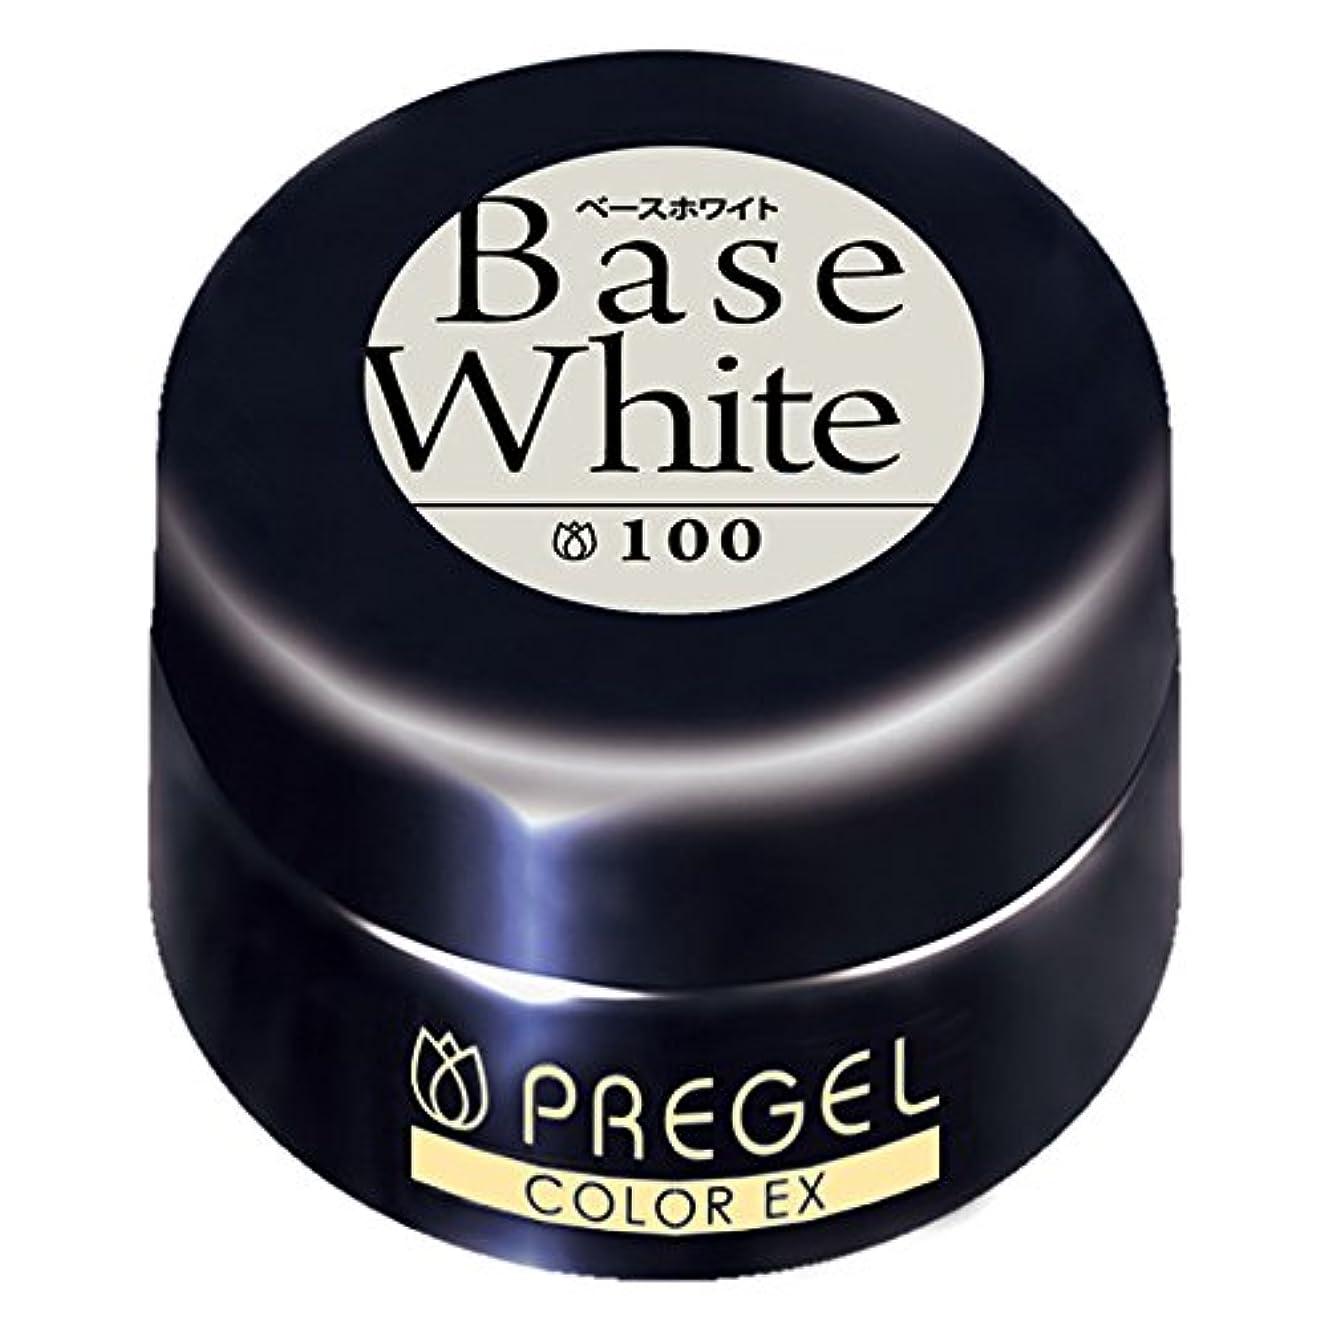 強化無心寄生虫プリジェル ジェルネイル プリジェル ジェルネイル カラーEX ベースホワイト100 4g カラージェル UV/LED対応